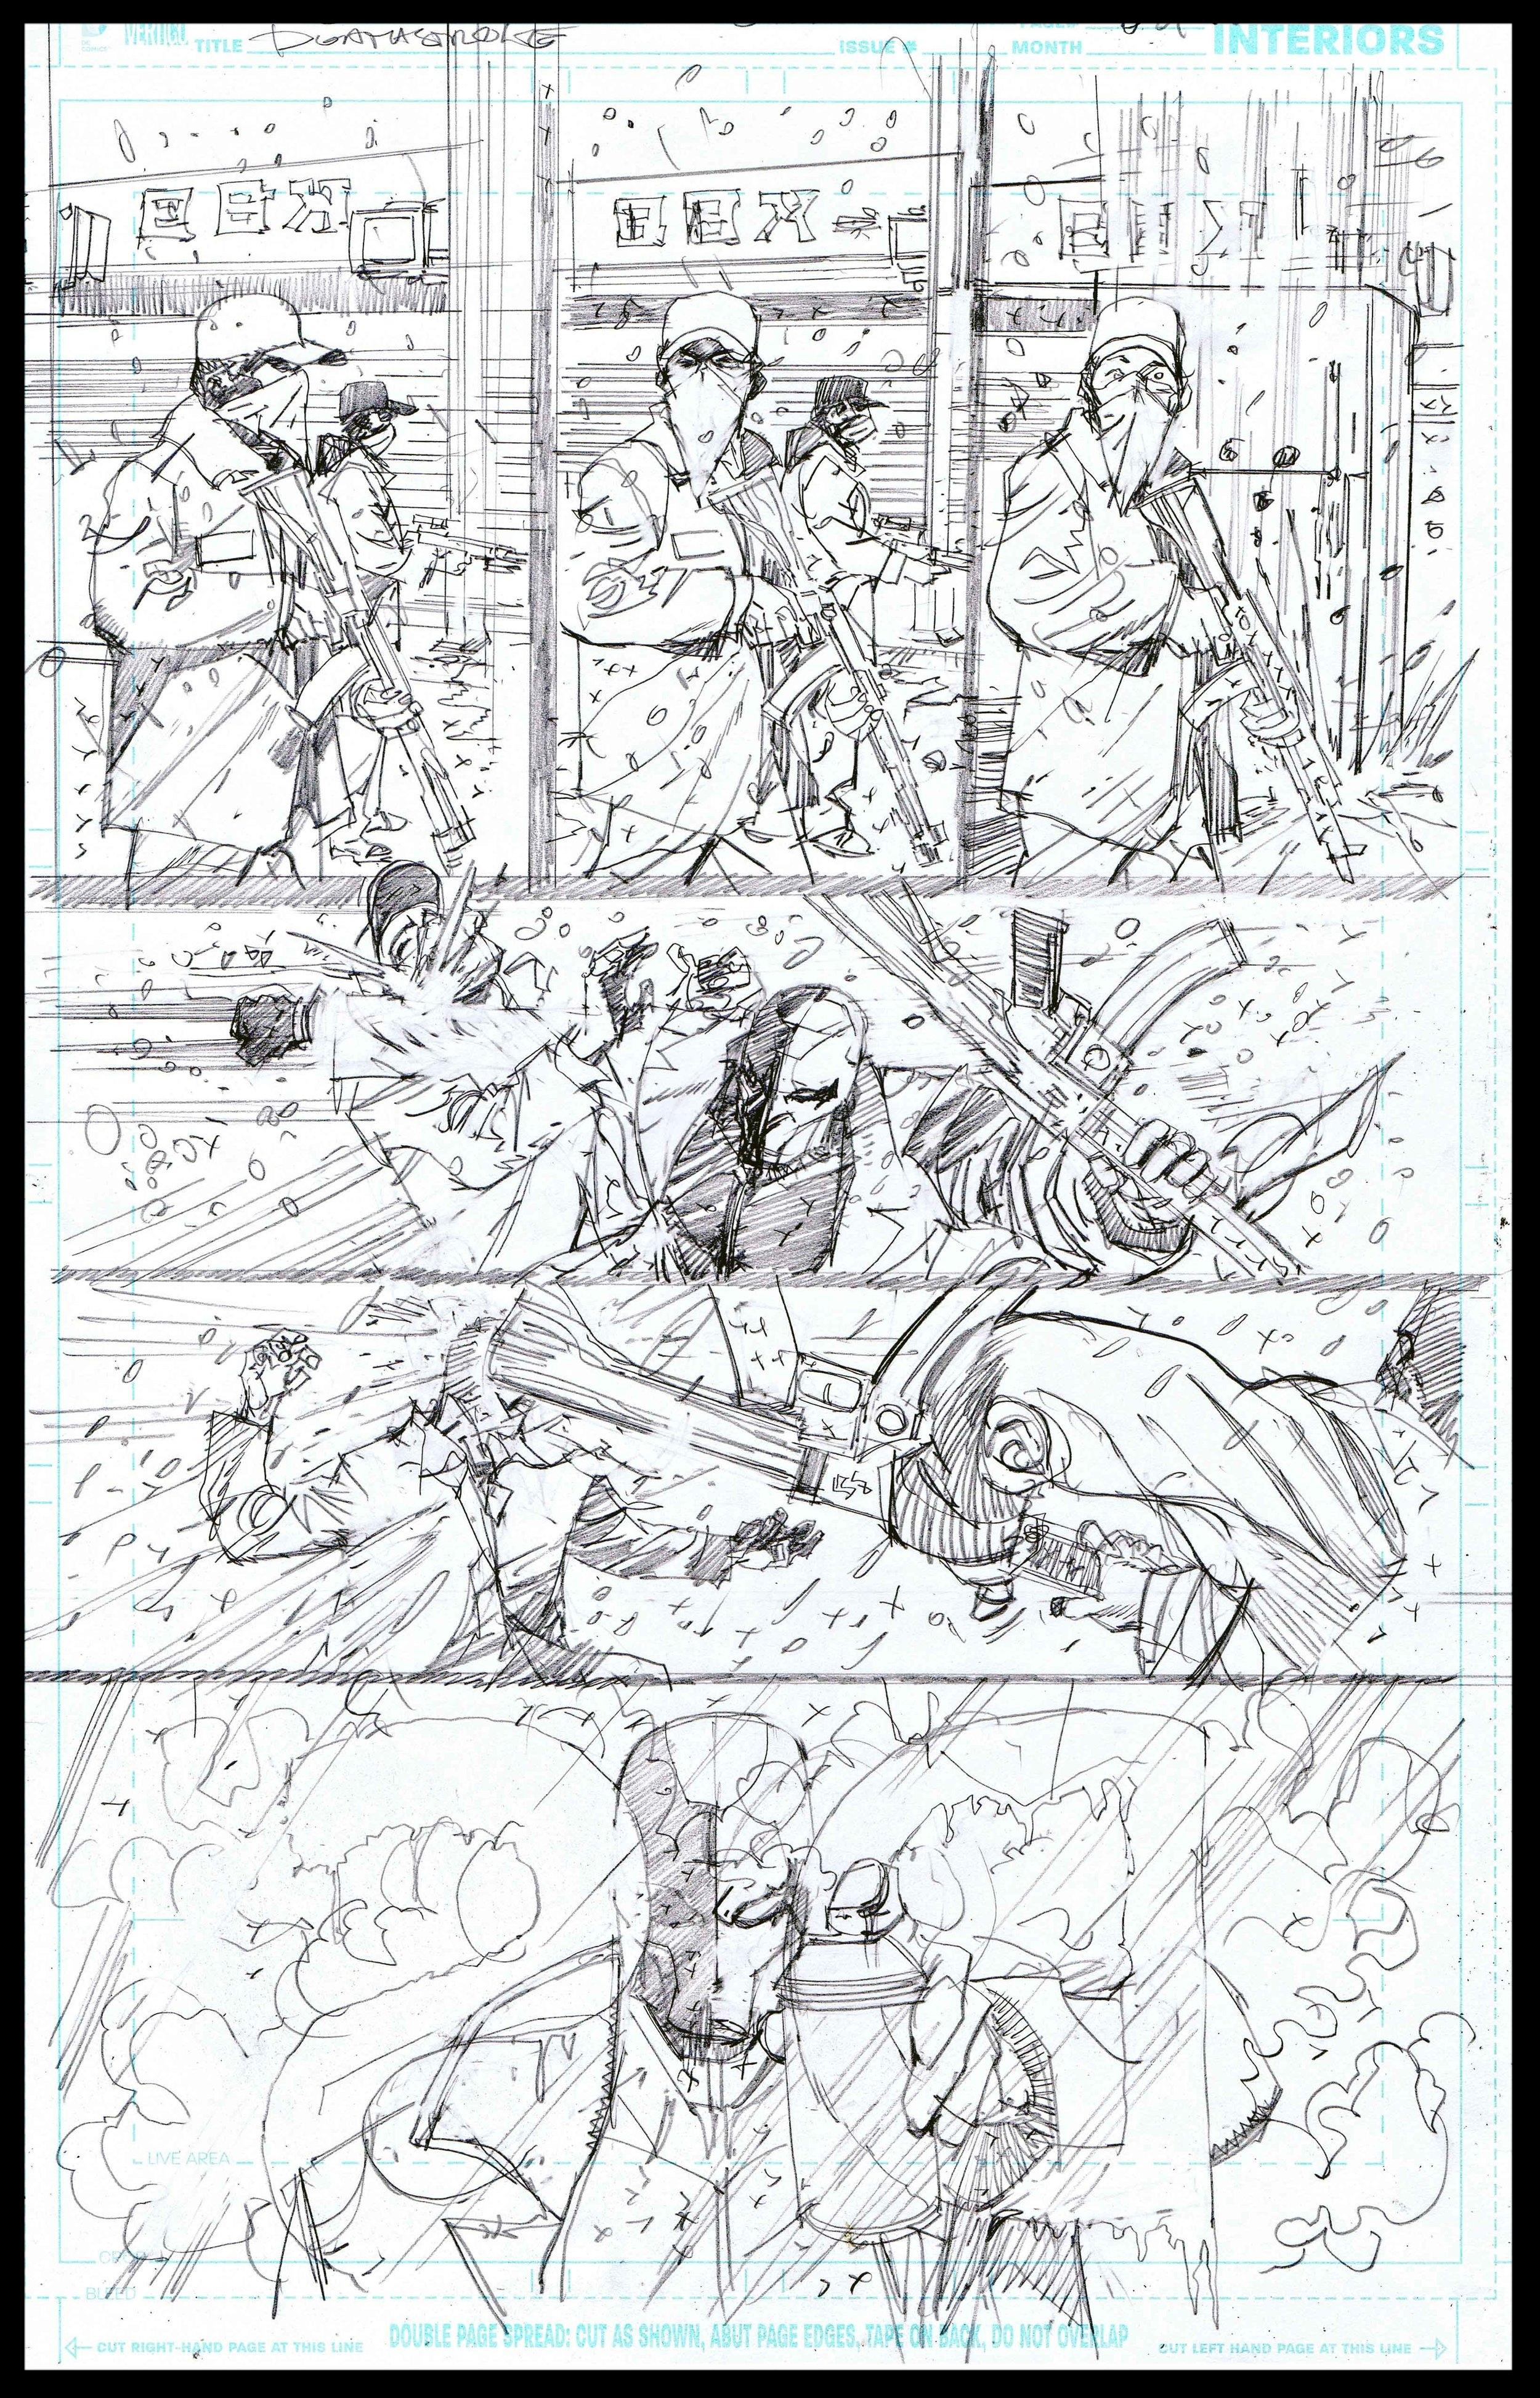 Deathstroke #11 - Page 8 - Pencils